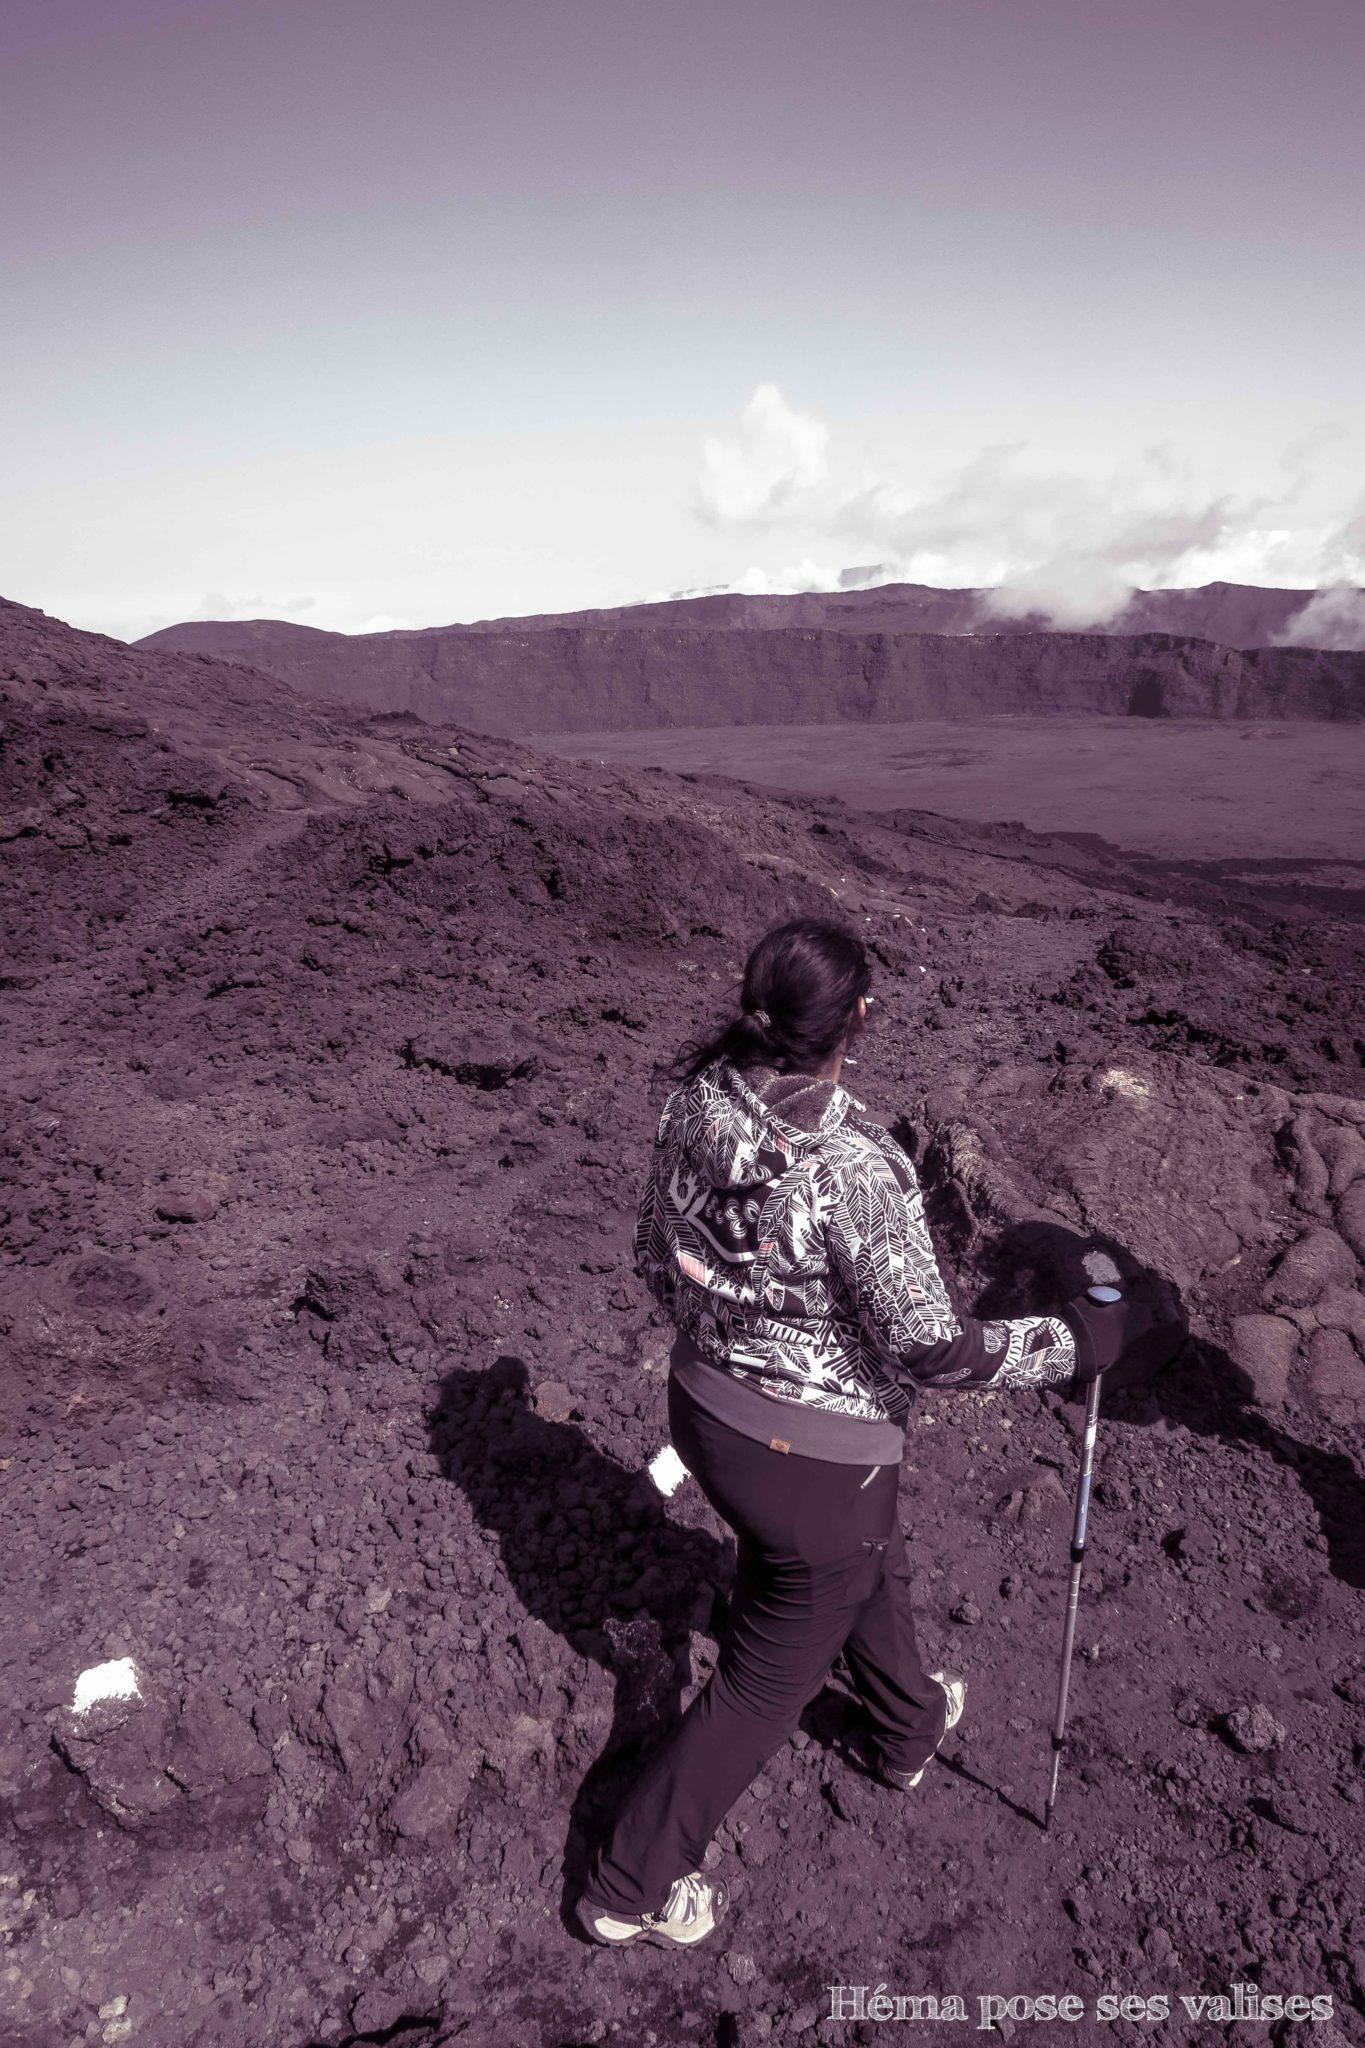 Telle une exploratrice, souvenir d'Héma lors de la randonnée au Piton de la Fournaise